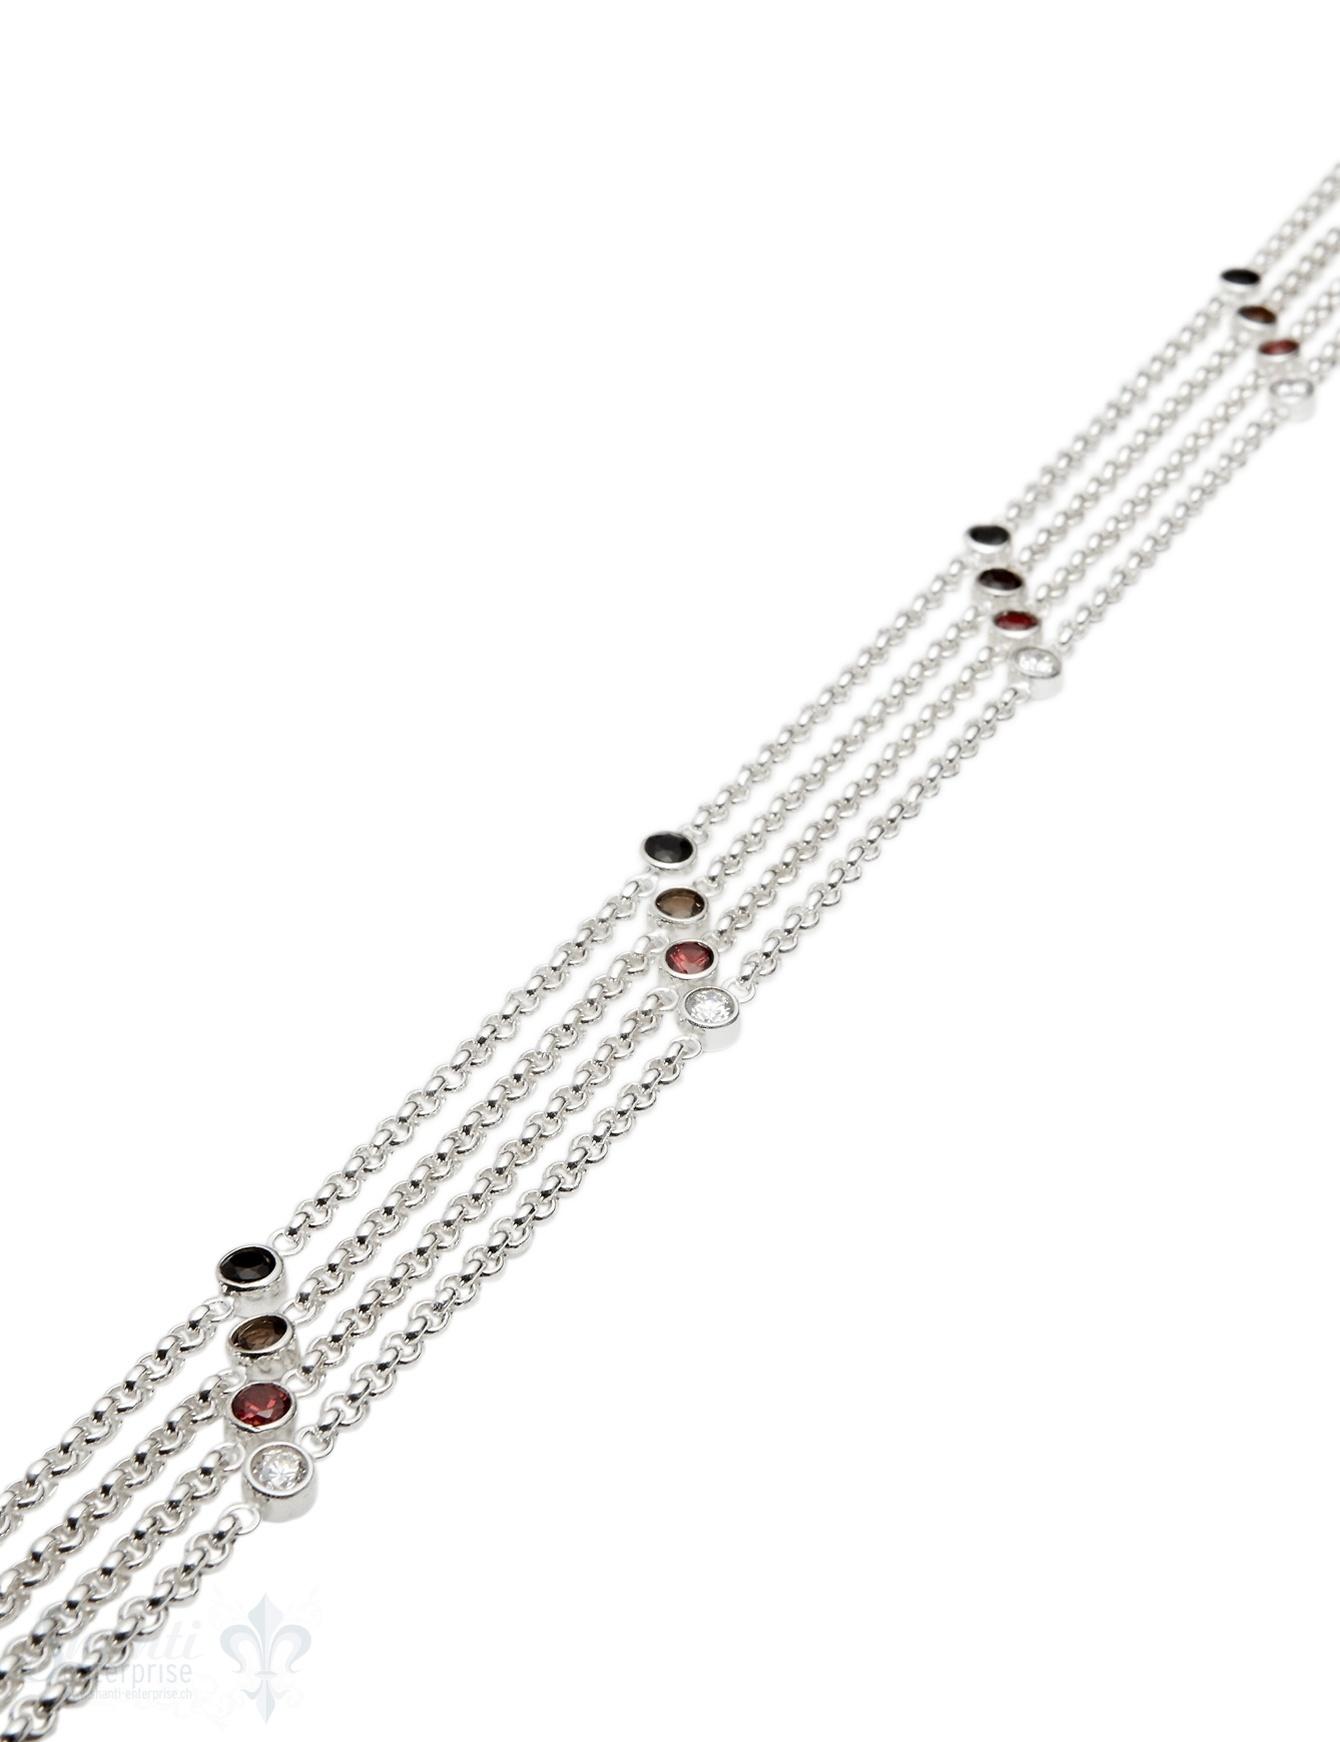 Silberkette Rollo 3,2 mm rund gefasst 5.5 mm im Abstand von 6 cm (Abschnittlänge wird angepasst) per cm